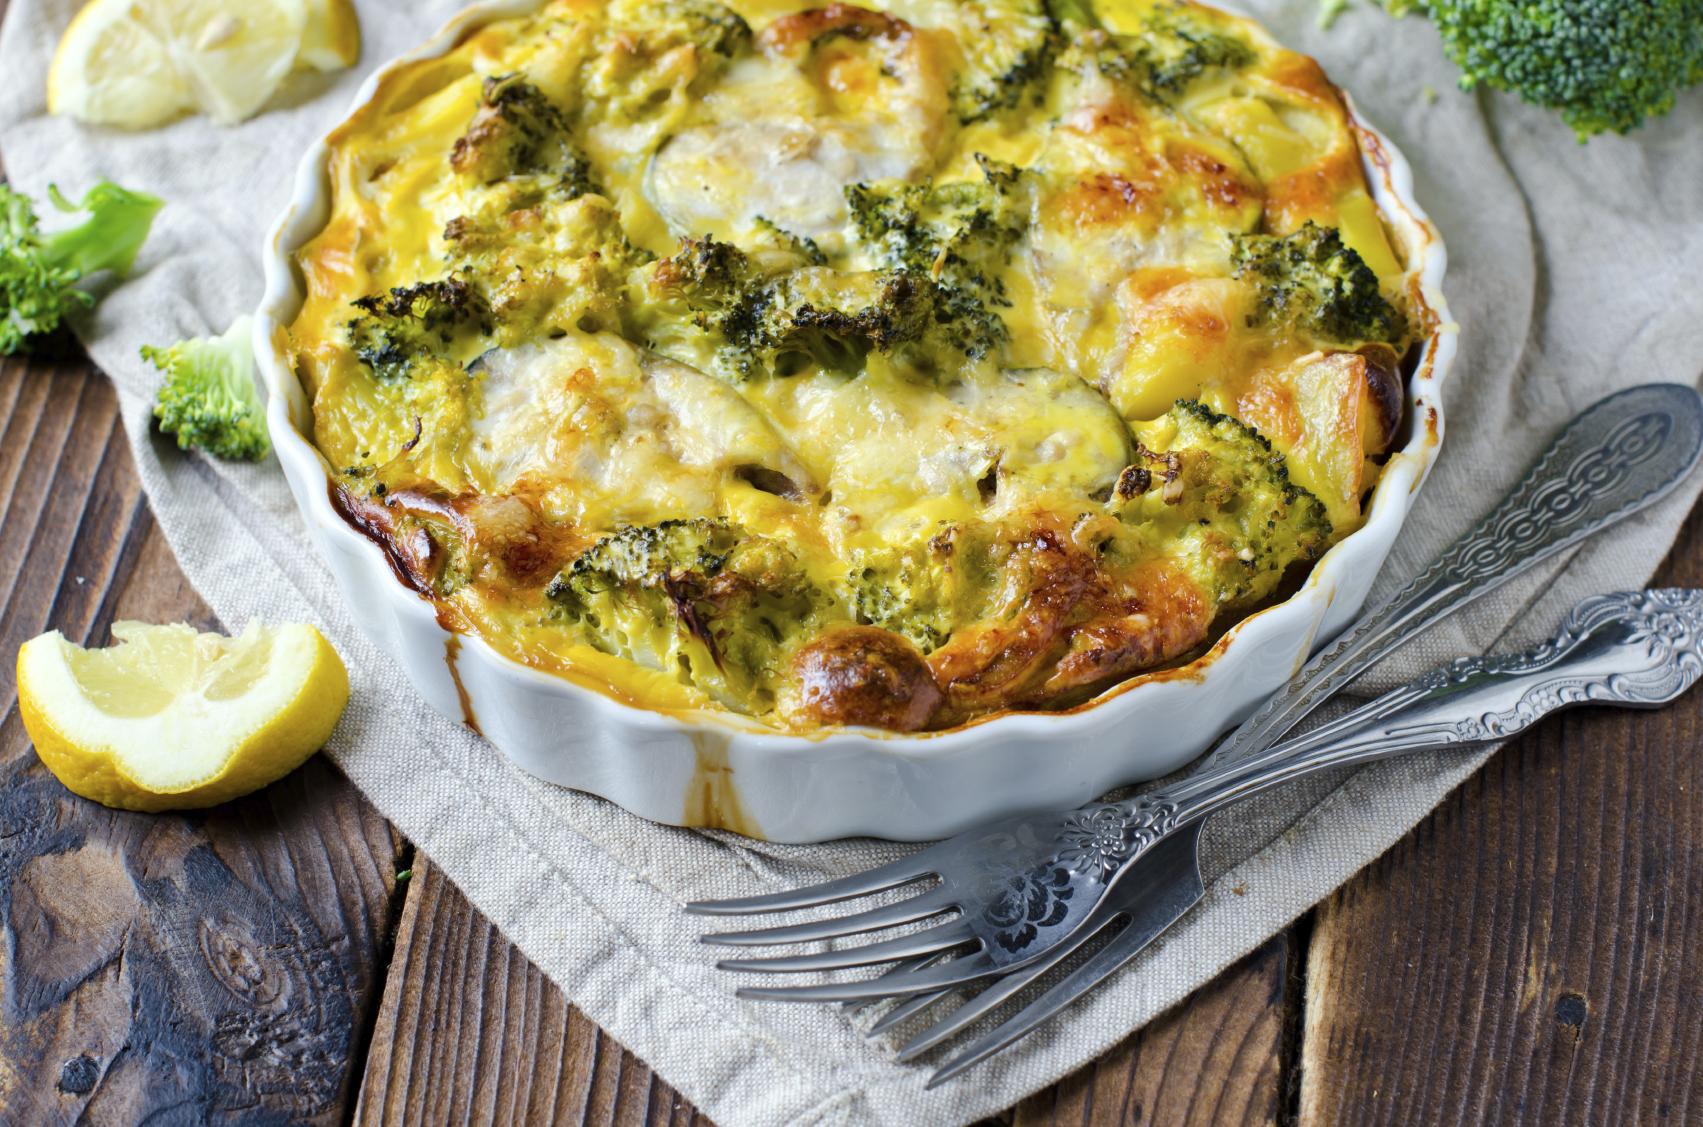 Recipe: Cheese and vegetable gratin Riċetta: Krosta bil-ġobon mimlija bil-ħaxix tal-istaġun